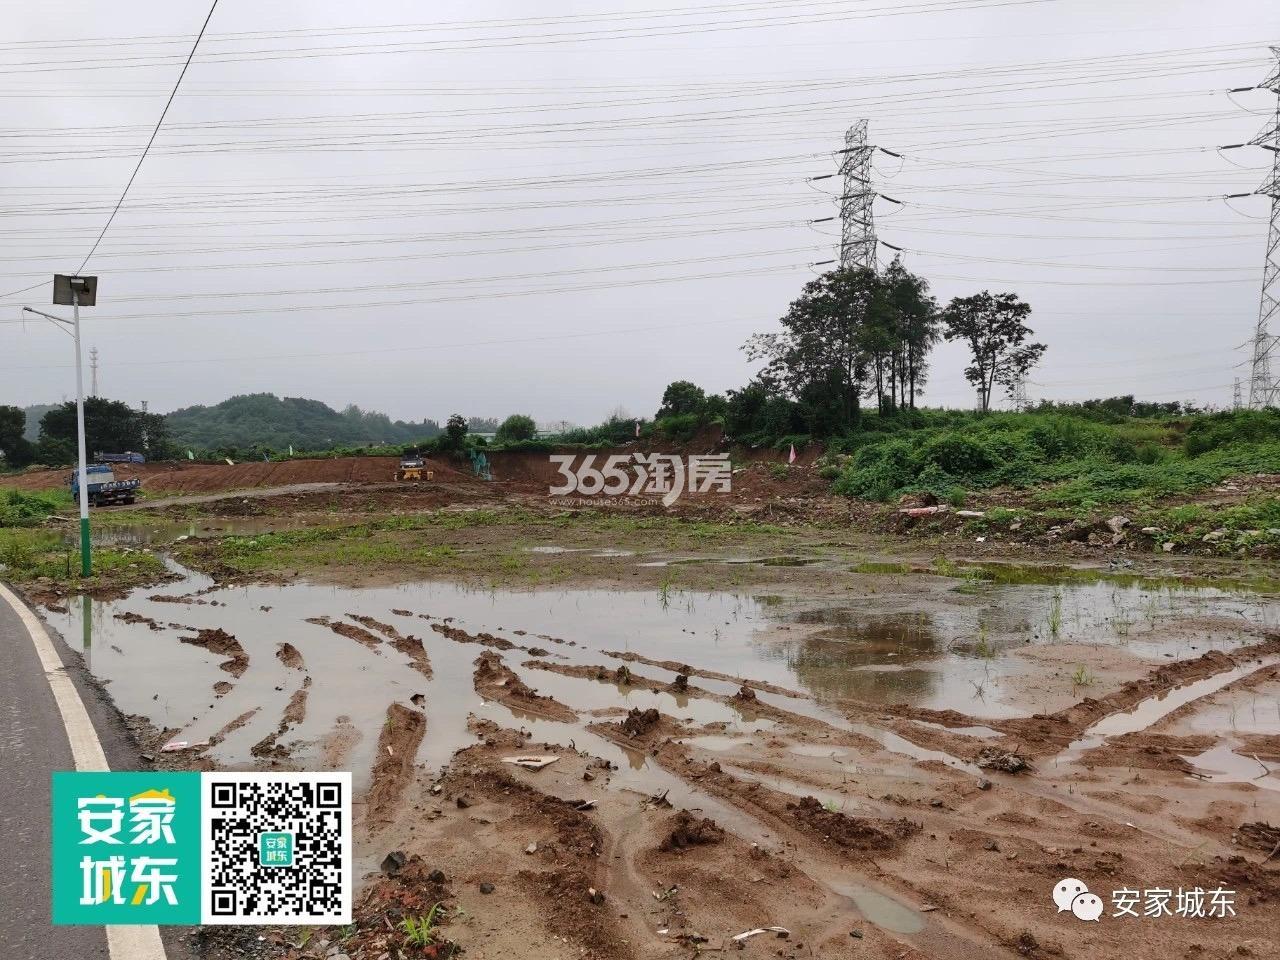 大鱼VILLA项目旁在建麒麟地铁小镇一期项目情况(7.28)